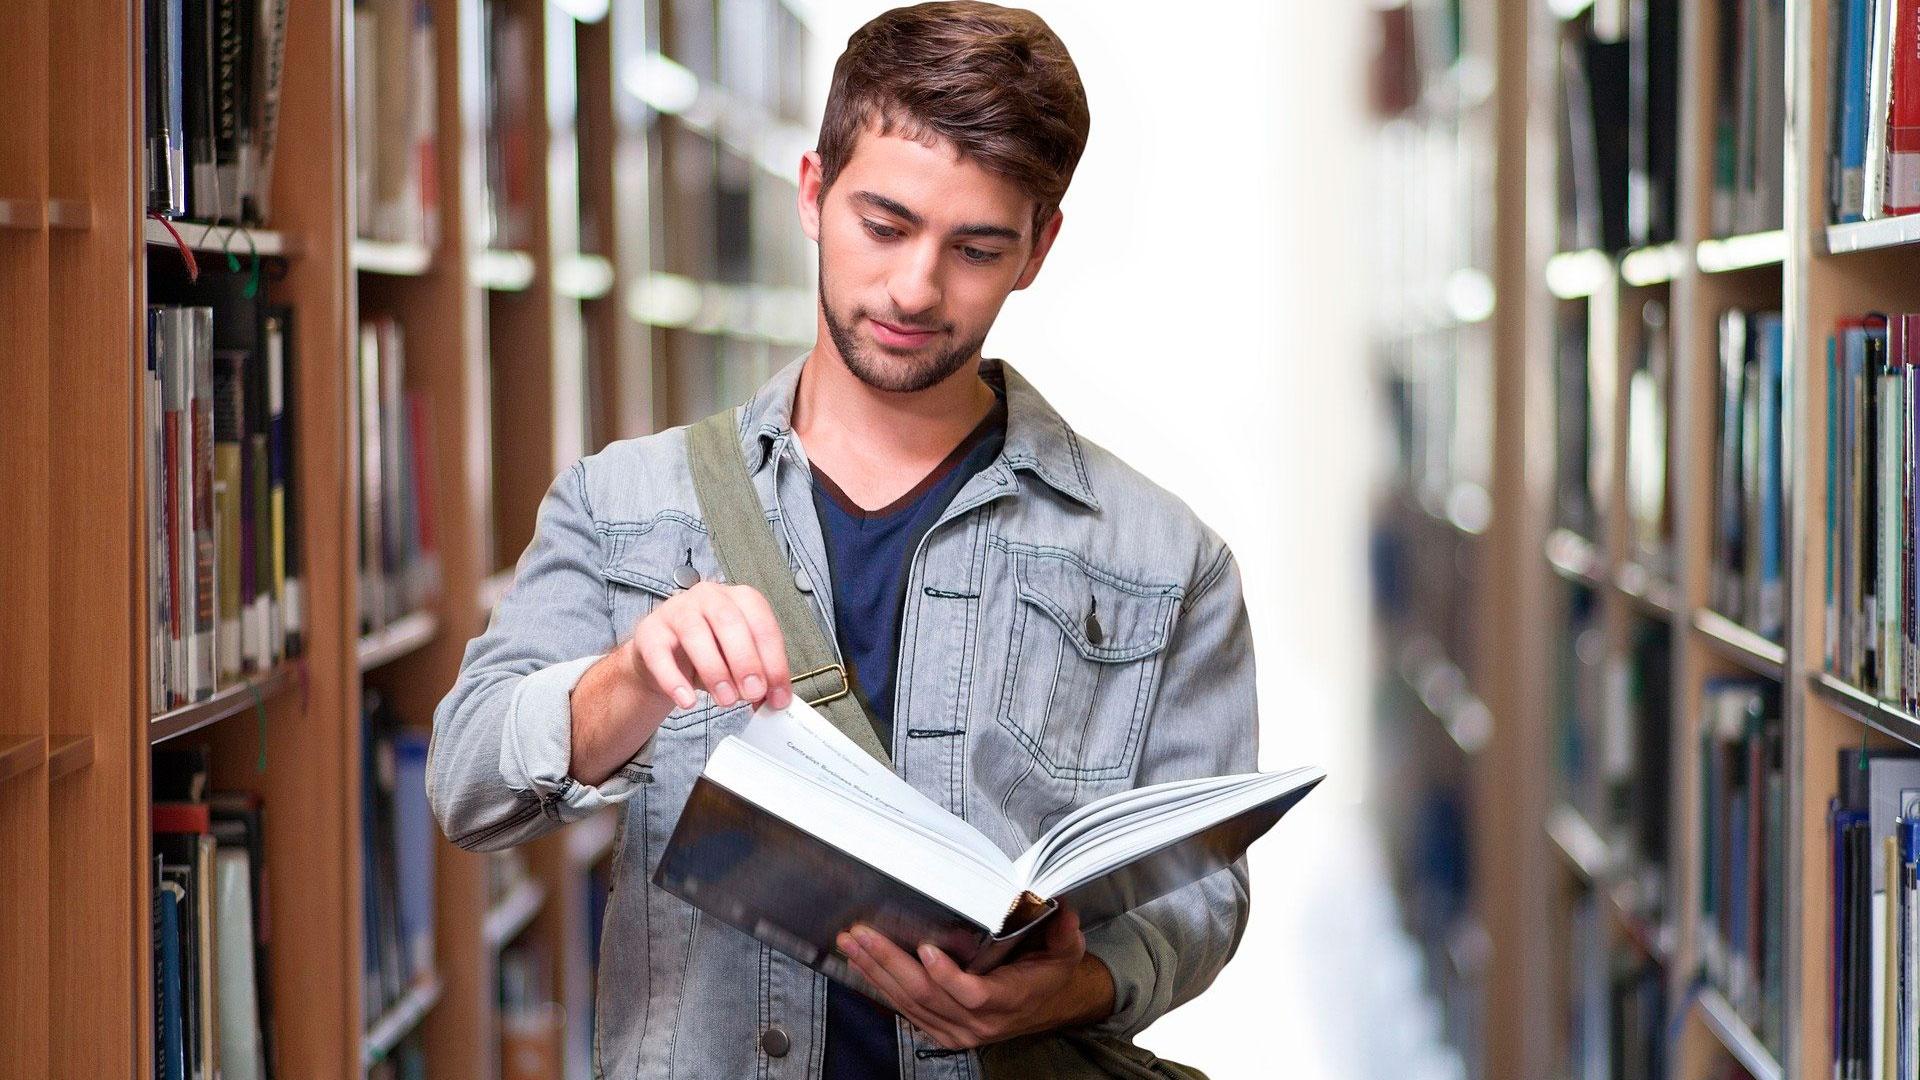 В Минобрнауки оценили снижение стоимости учебы в вузе при переходе на дистанционное обучение